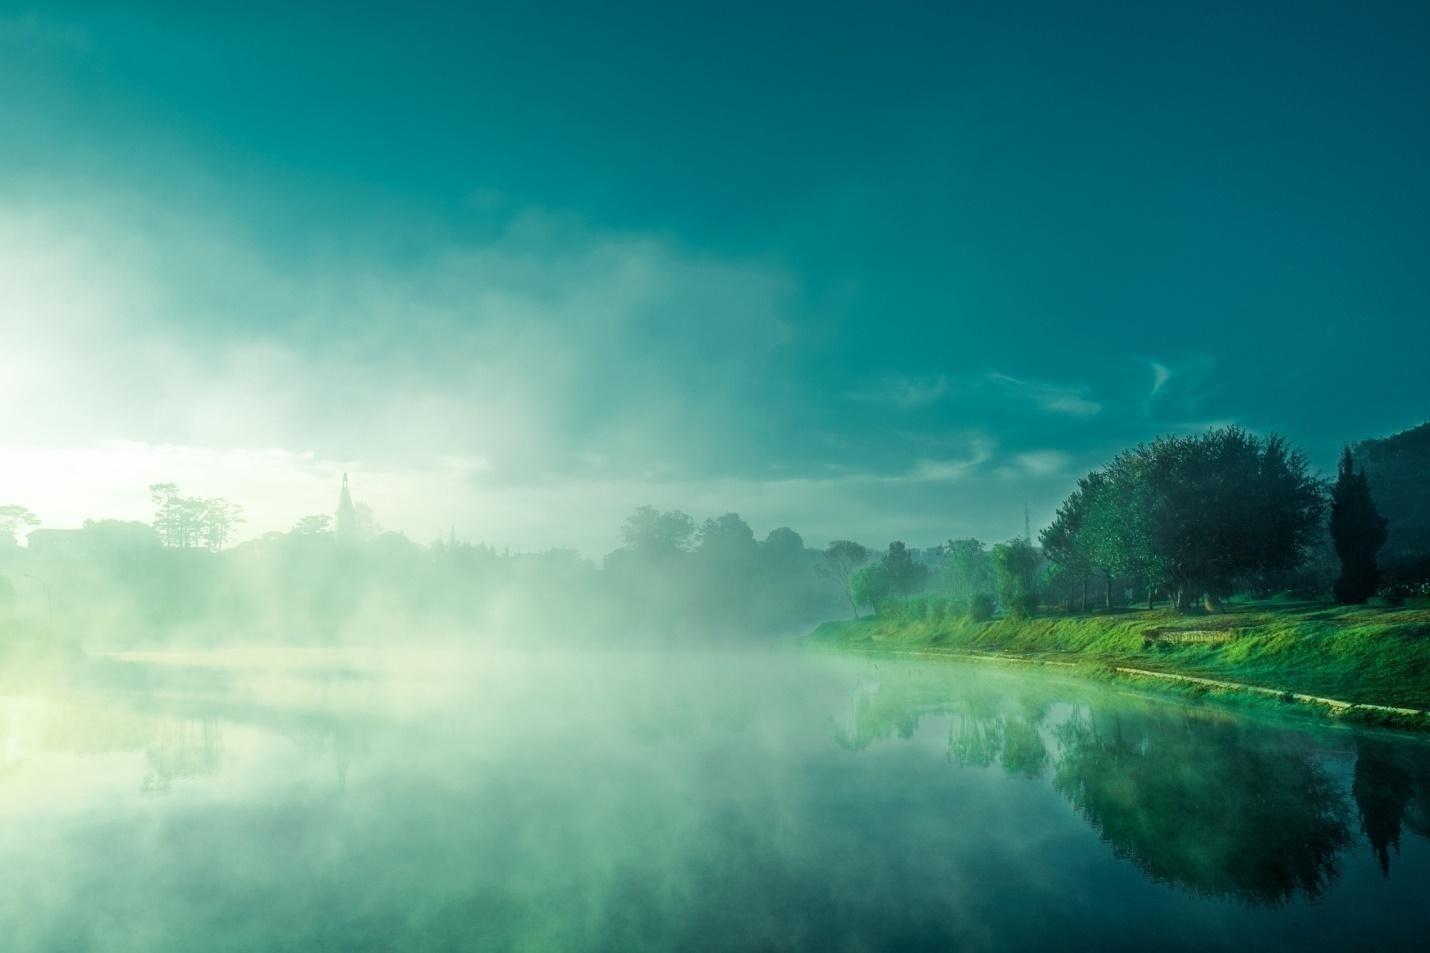 Lãng đãng hơi sương